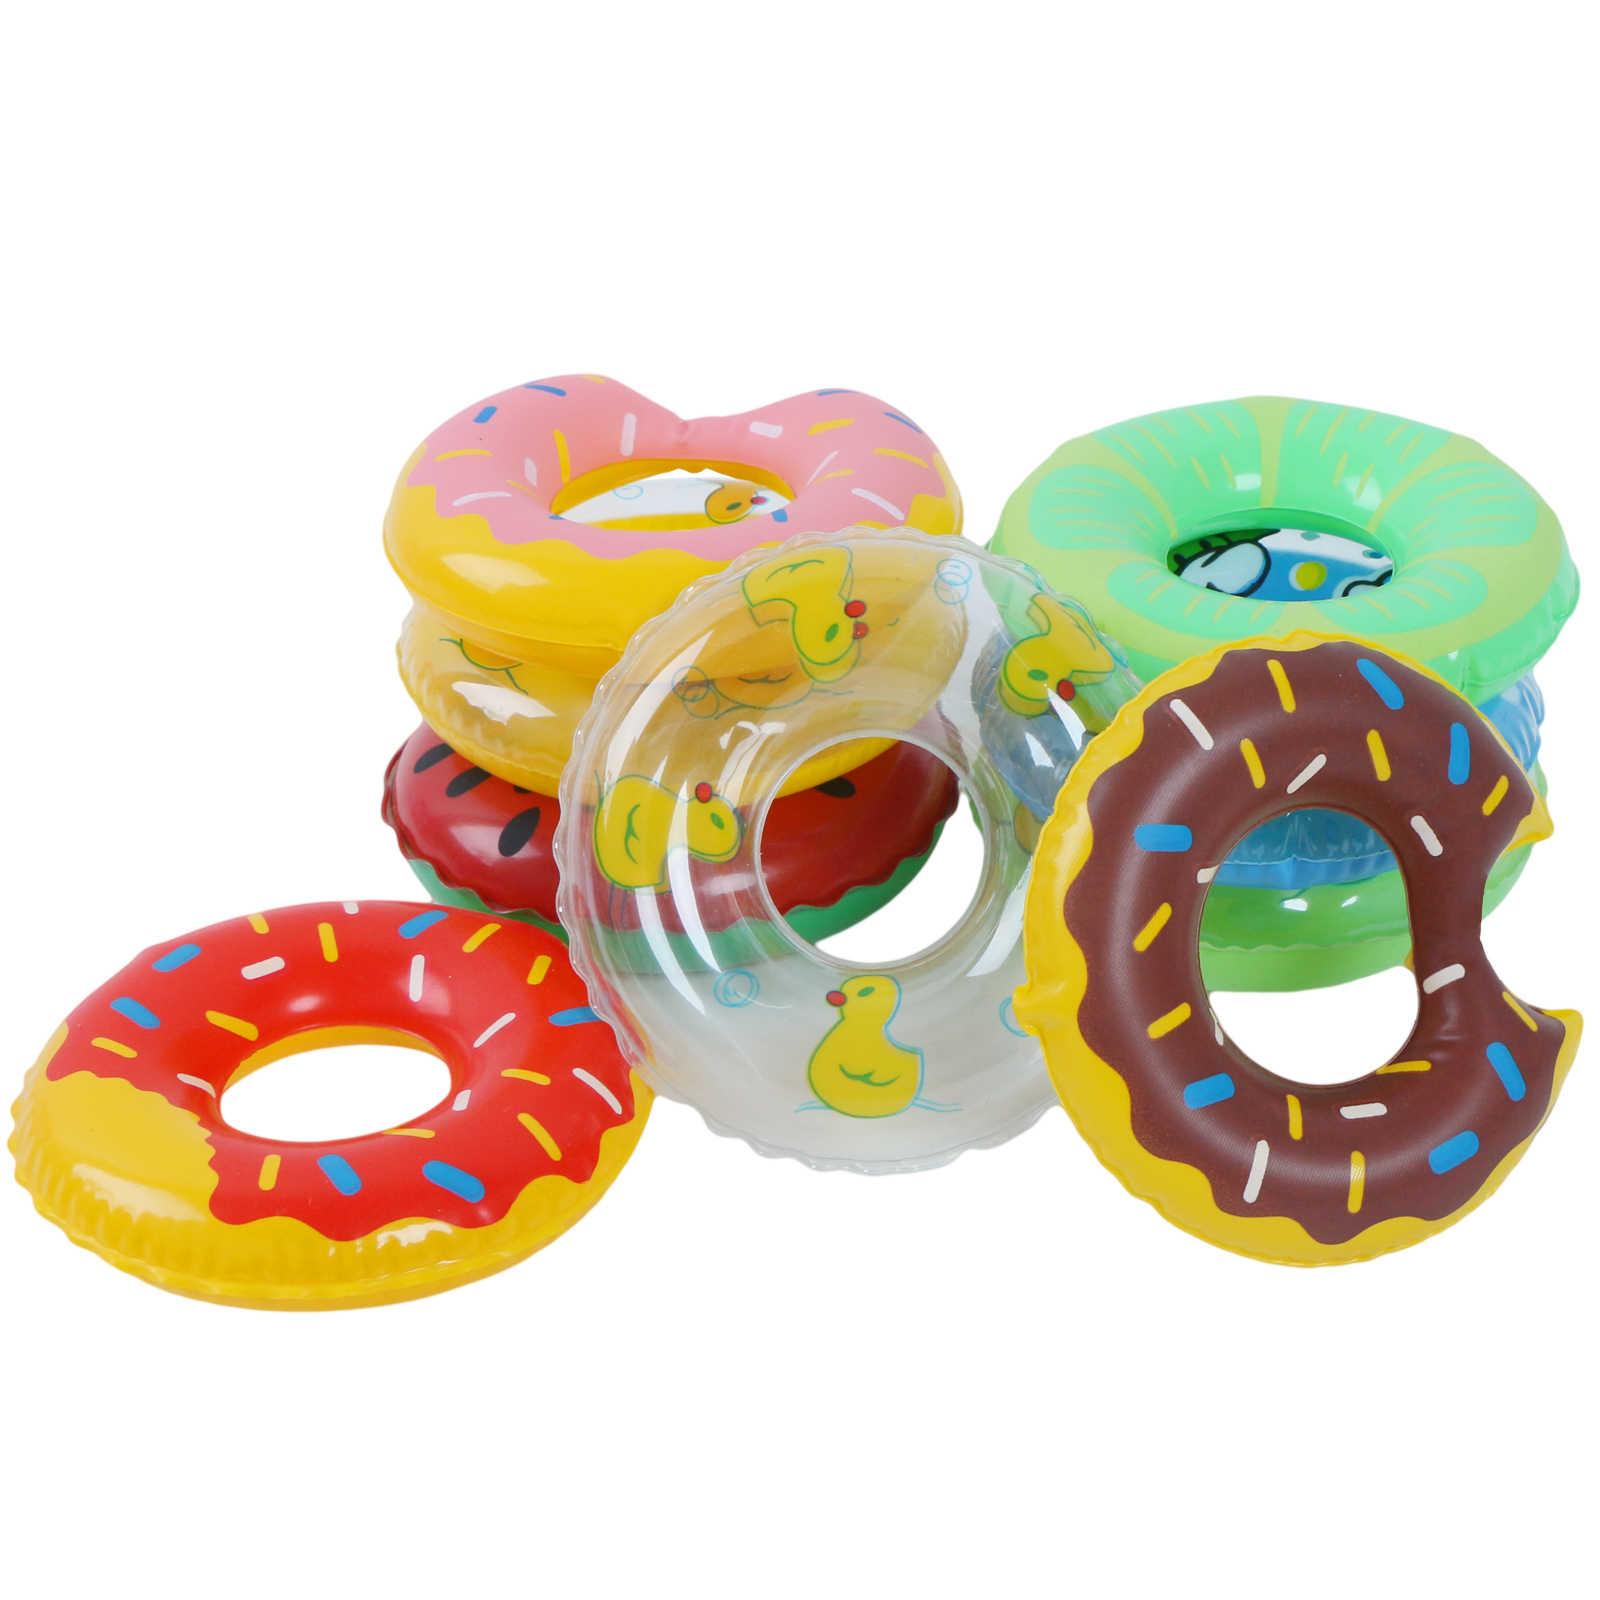 2 Pcs/5 Pcs Mini ตุ๊กตาว่ายน้ำลอยแหวนของเล่น Mix Styles ฤดูร้อน Float Lifebelt ตุ๊กตาอุปกรณ์เสริมสำหรับตุ๊กตาบาร์บี้